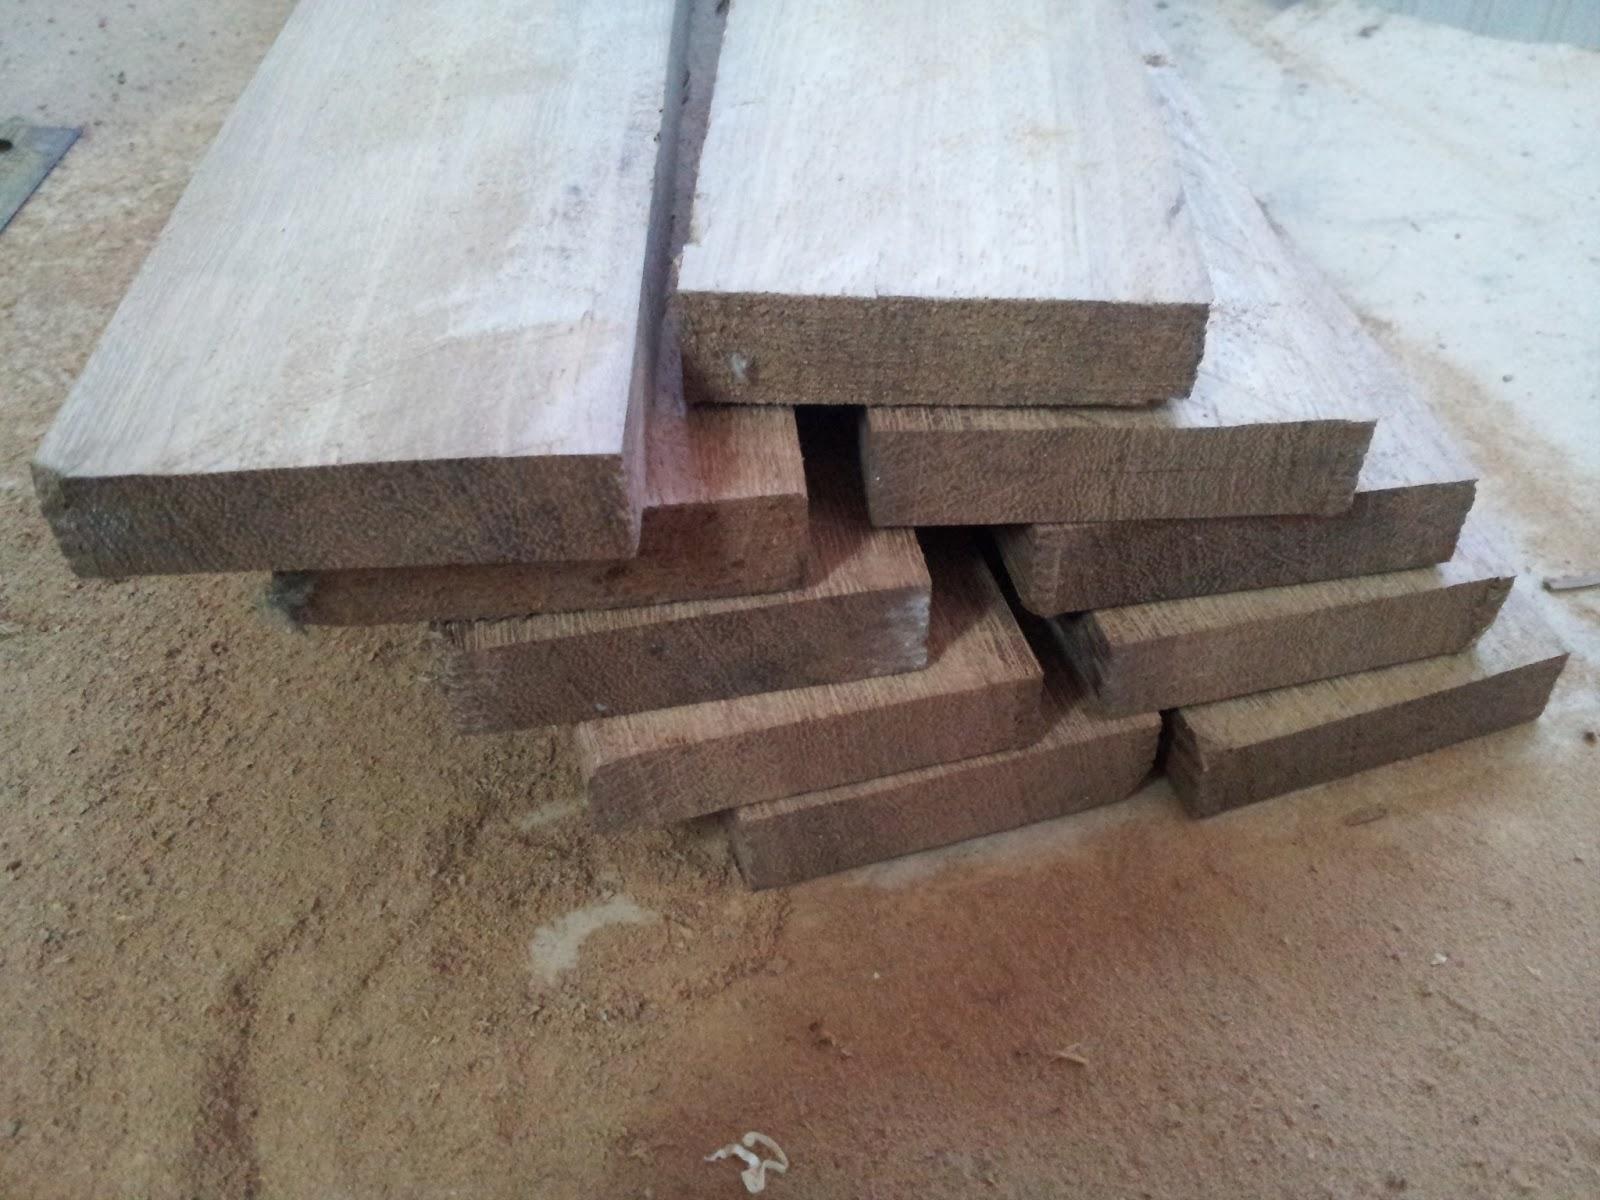 Ba l joyero de madera artilugios en casa - Como hacer un joyero de madera ...